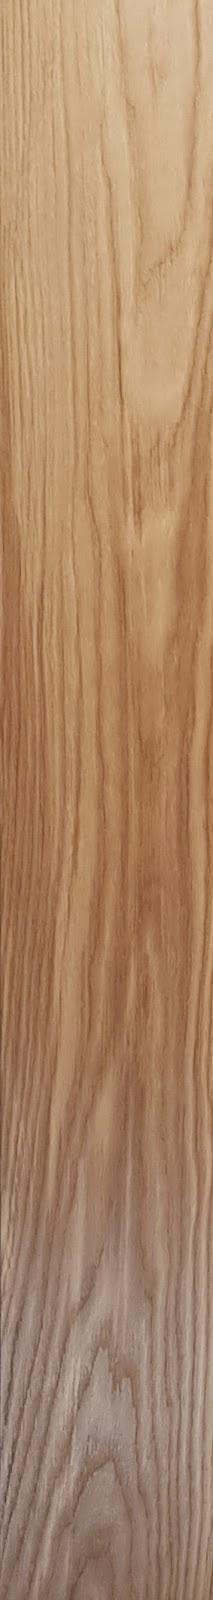 天然木地板-拿鐵白橡